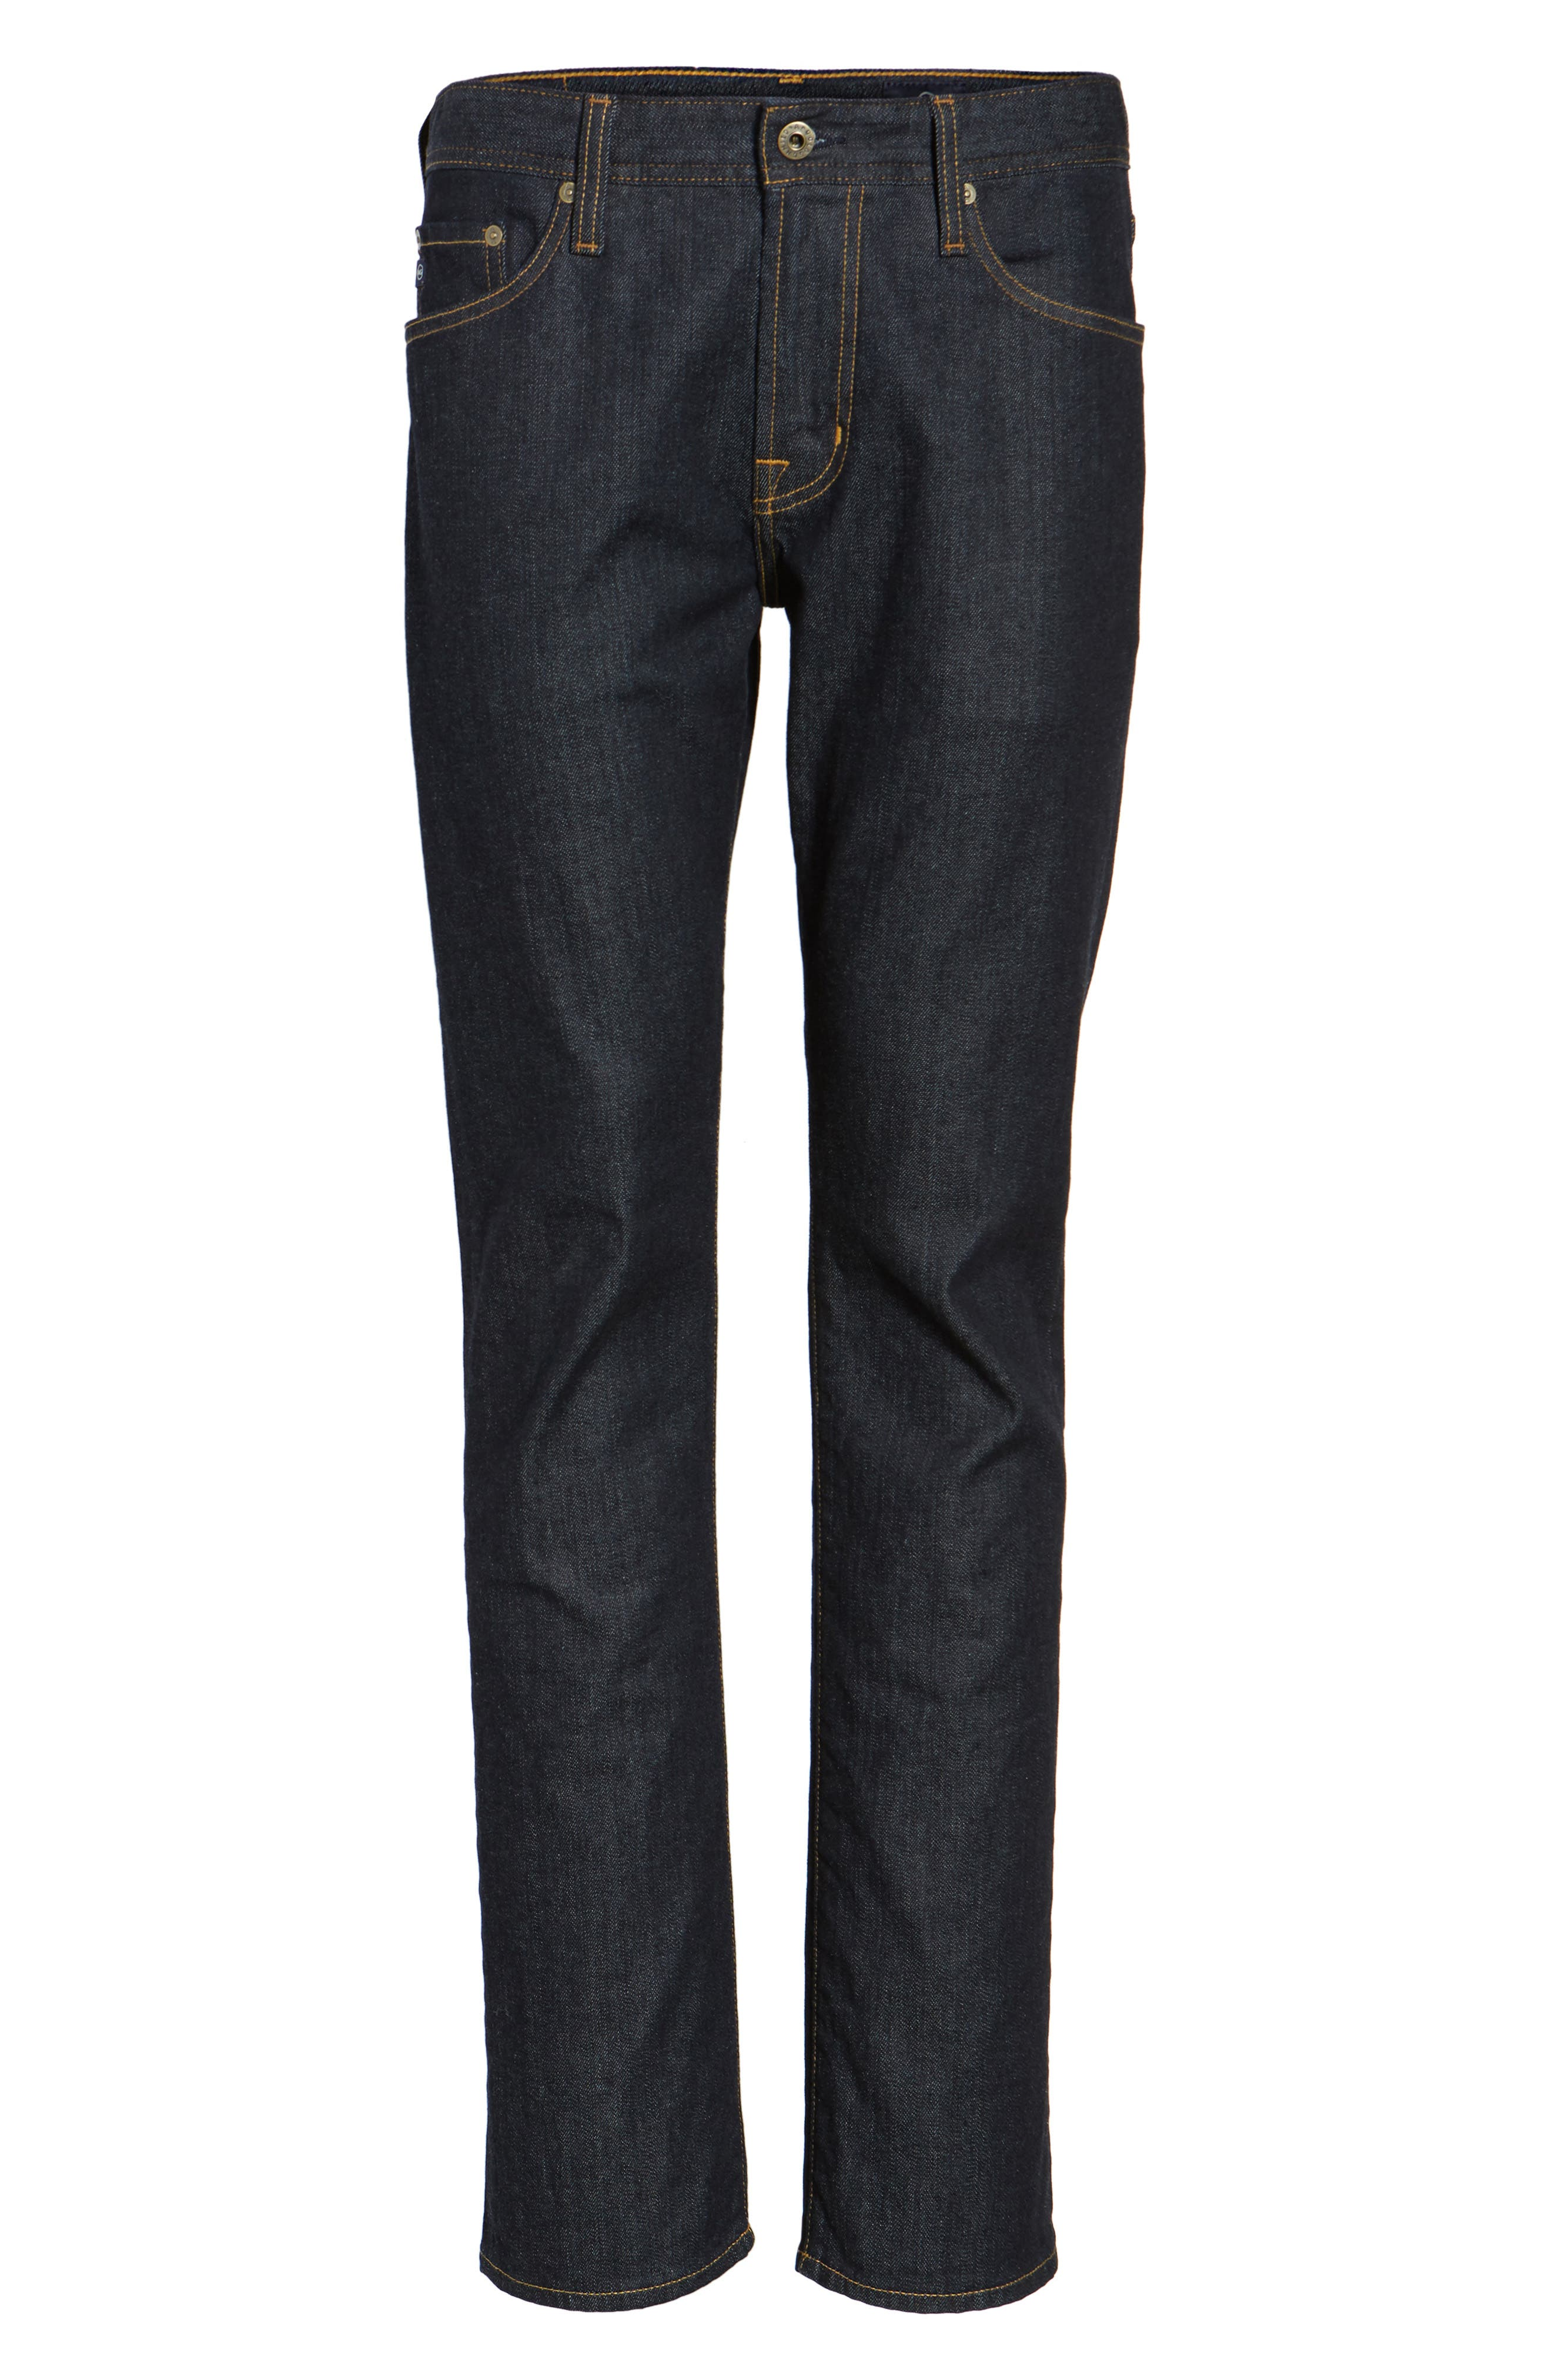 Everett Slim Straight Leg Jeans,                             Alternate thumbnail 6, color,                             HIGHWAY